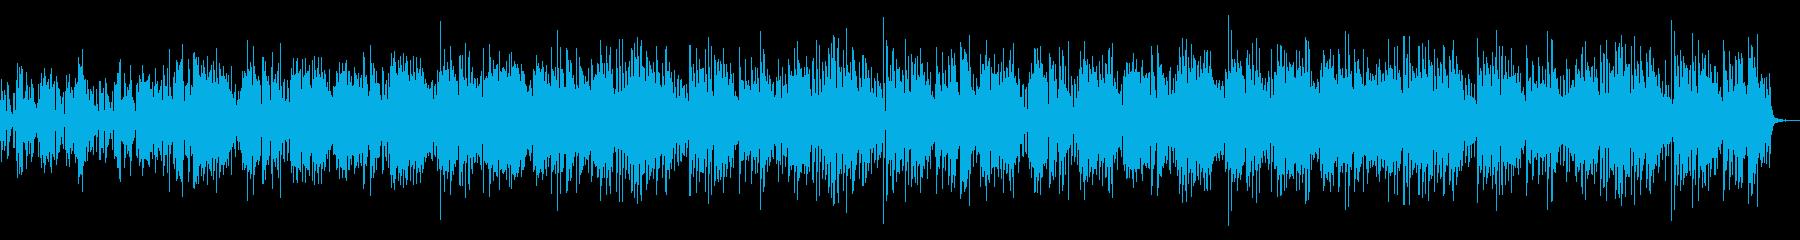 幸せをイメージしたウクレレ×エレピポップの再生済みの波形